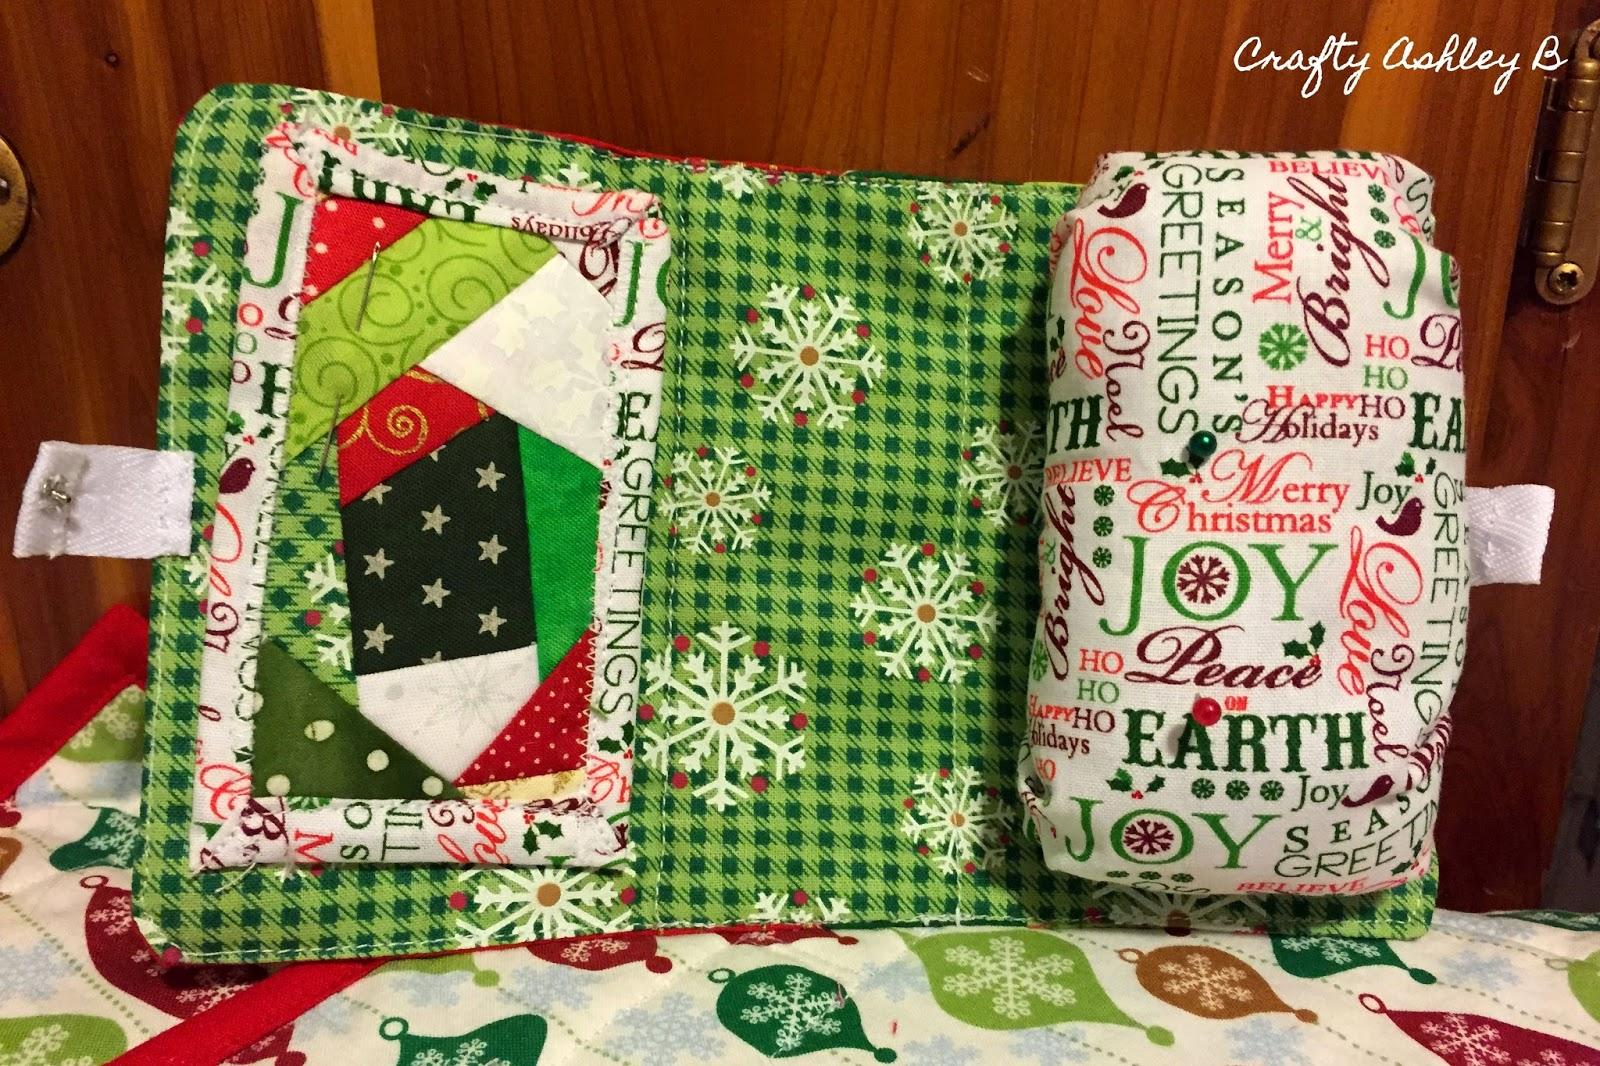 (c) Crafty Ashley B